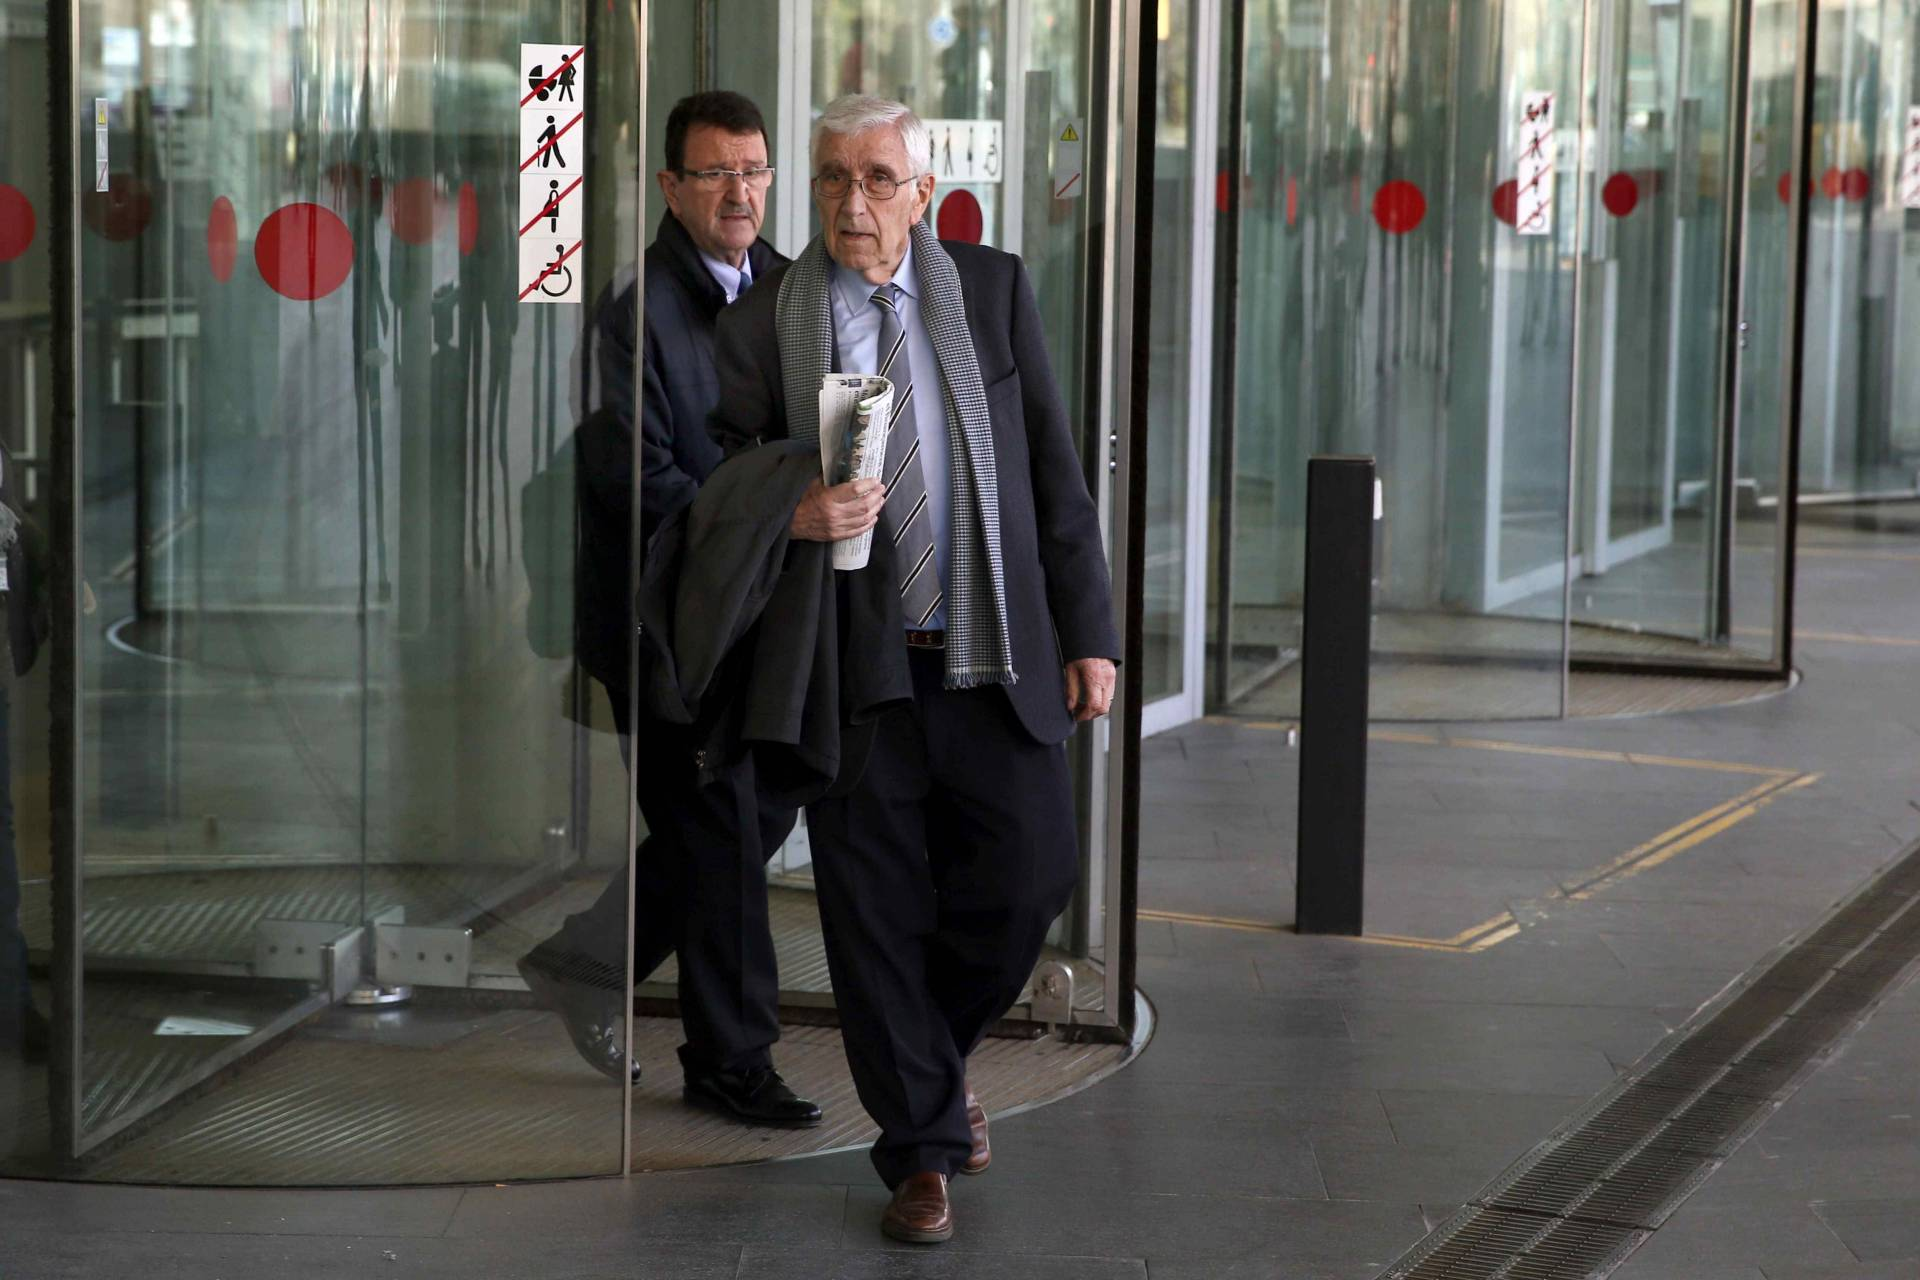 El ex tesorero de CDC, Daniel Osácar, a la salida de la Ciutat de la Justicia tras declarar por el caso Palau.